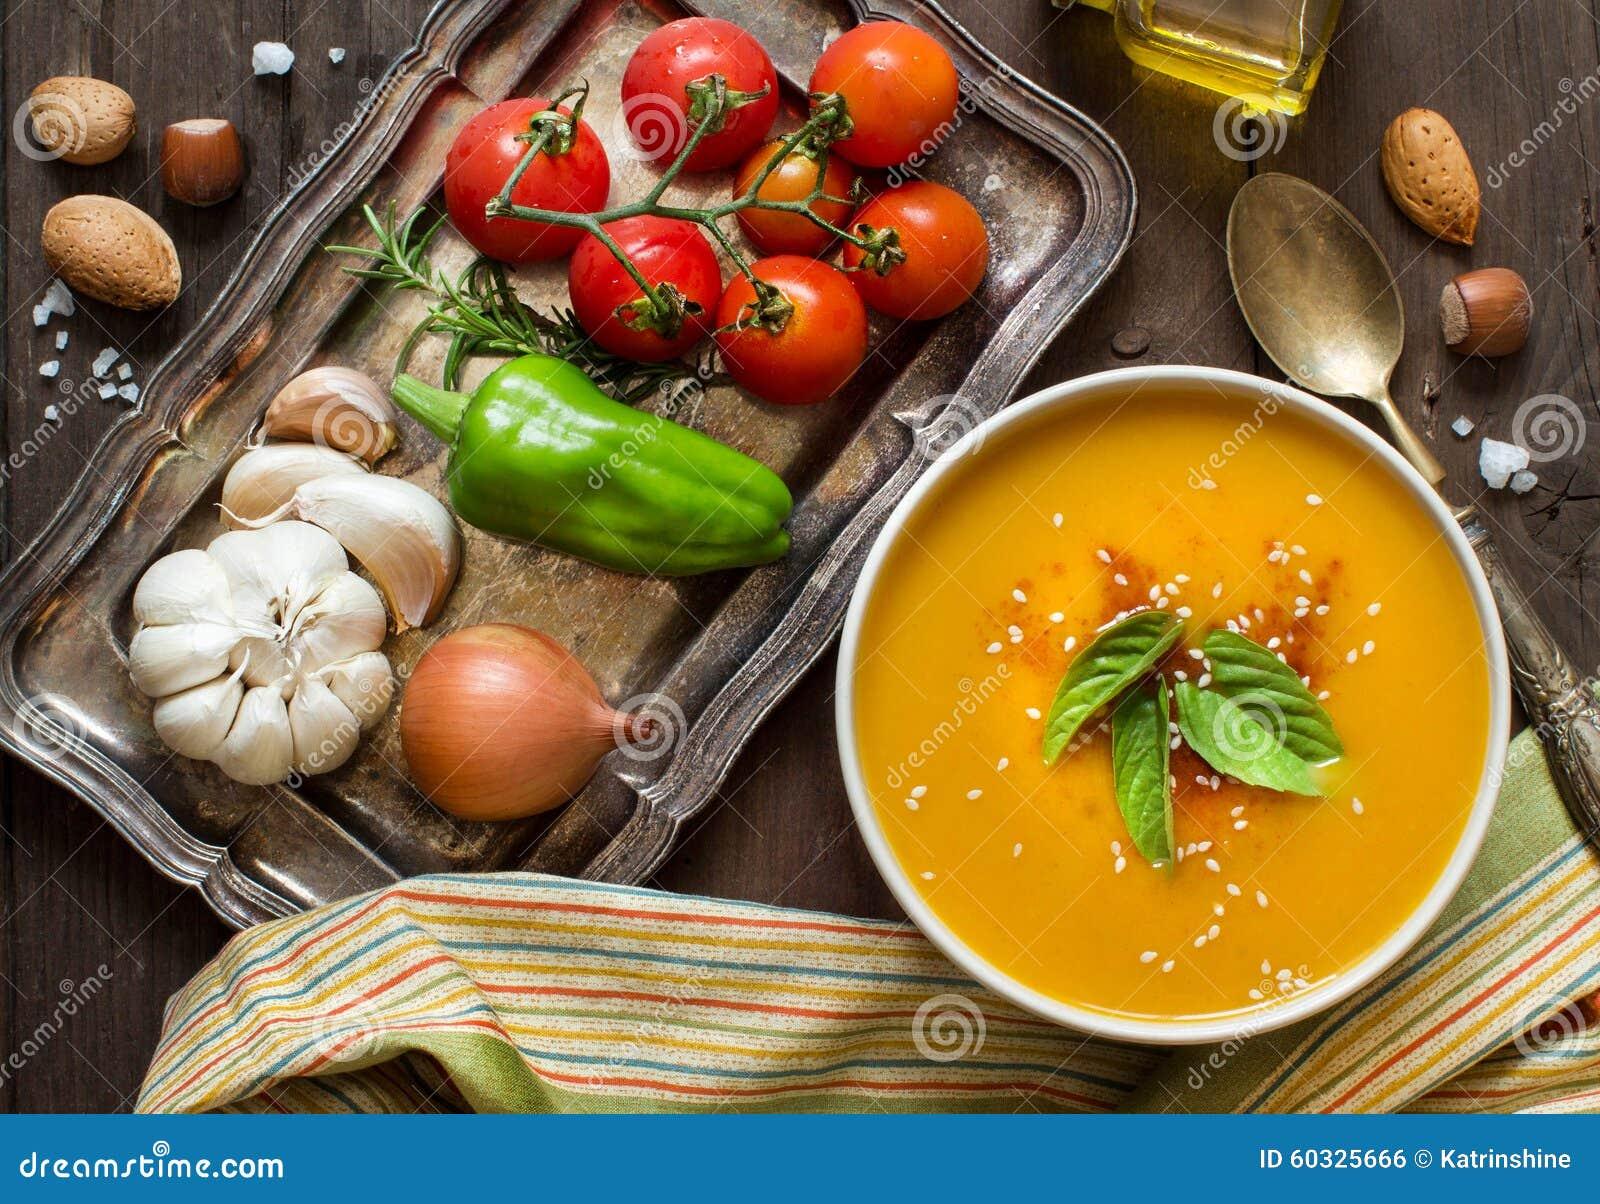 Soupe et légumes frais à potiron sur une table en bois